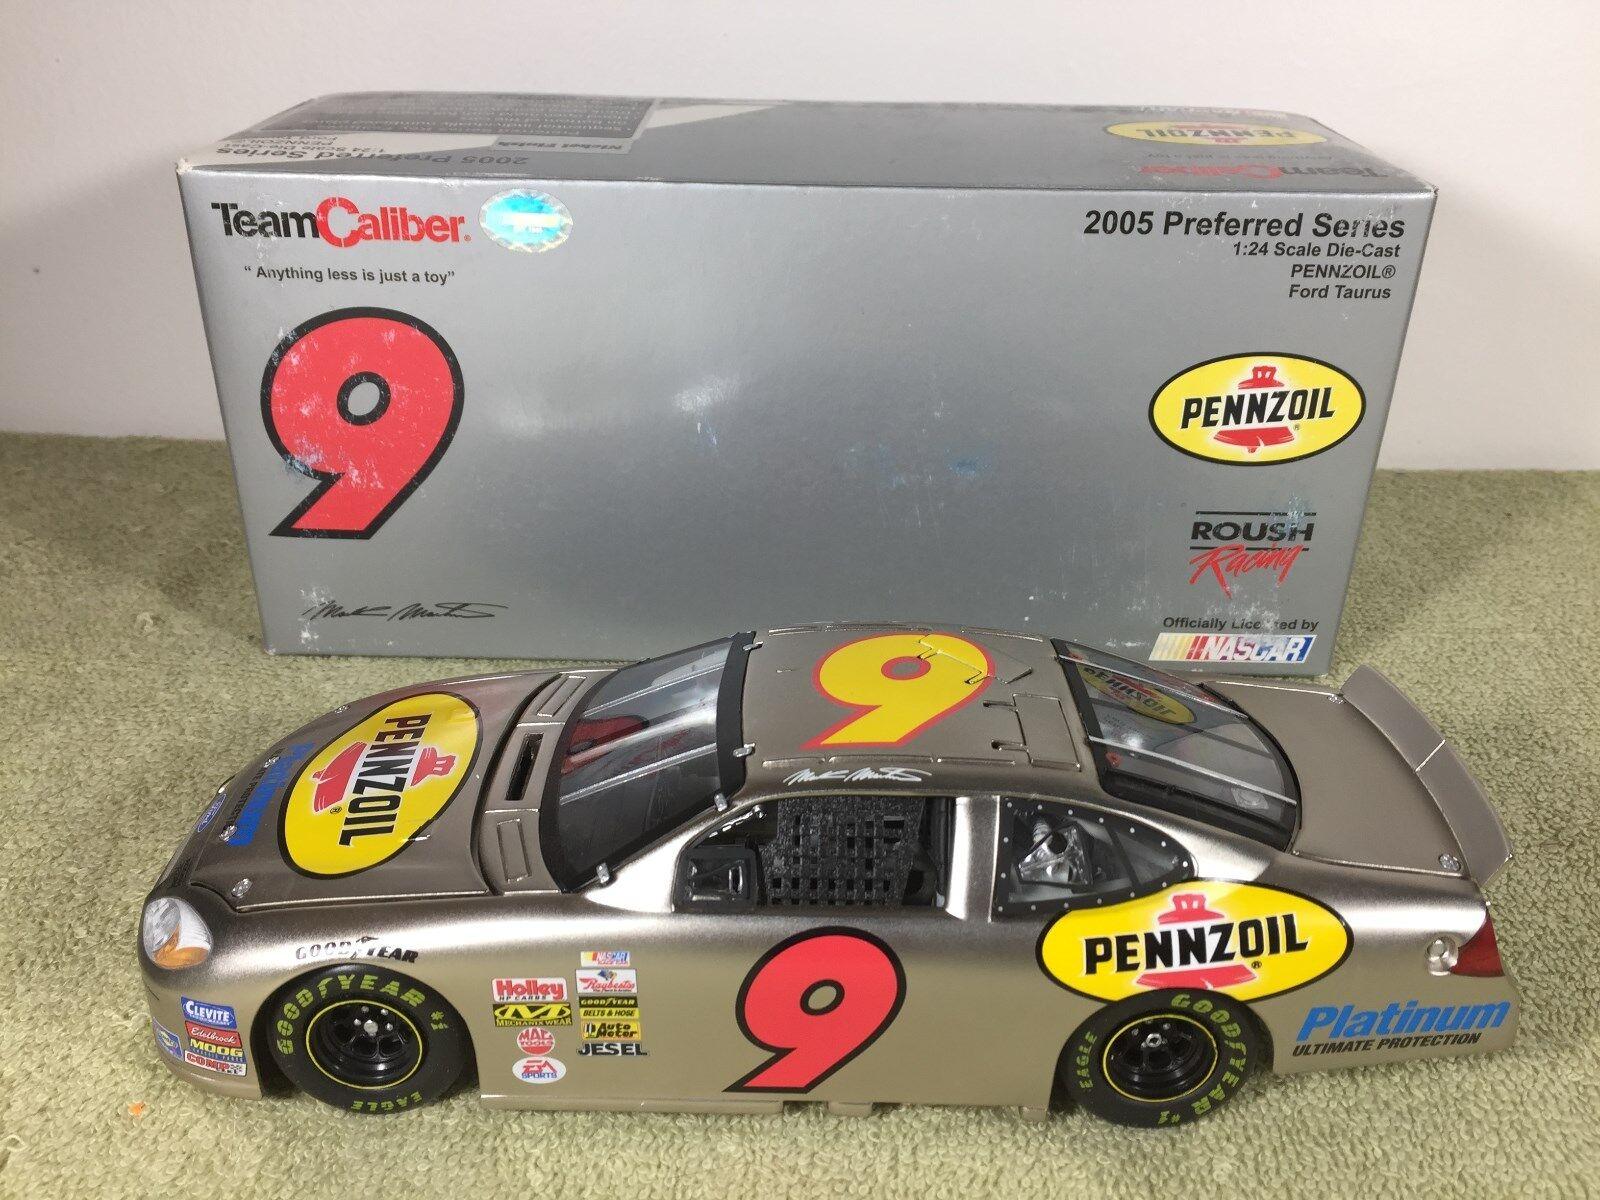 echa un vistazo a los más baratos 2005 equipo de de de calibre Mark Martin NasCoche Diecast acabado níquel  9 Pennzoil 1 24 9A  el más barato